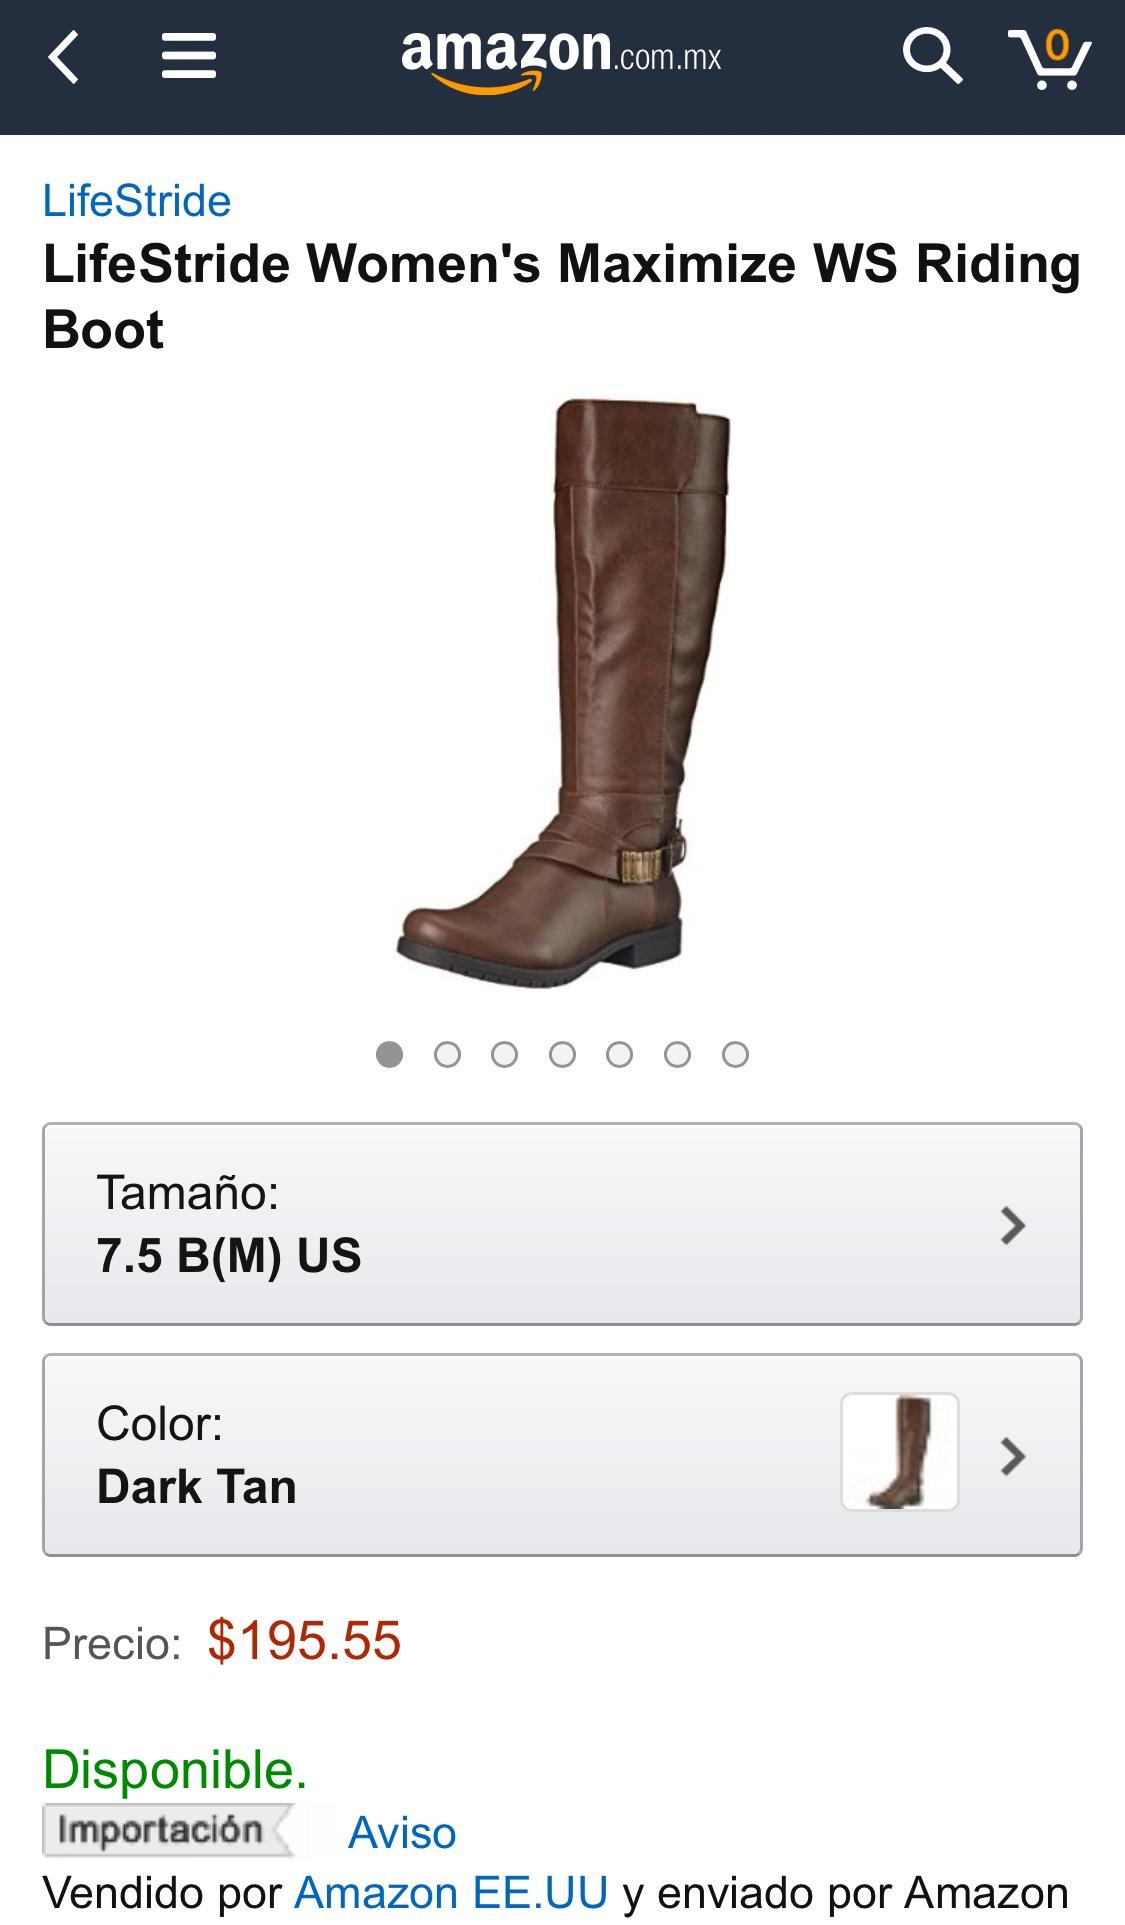 Amazon: Botas Lifestride para dama a $196 (solo talla 24.5 MX)